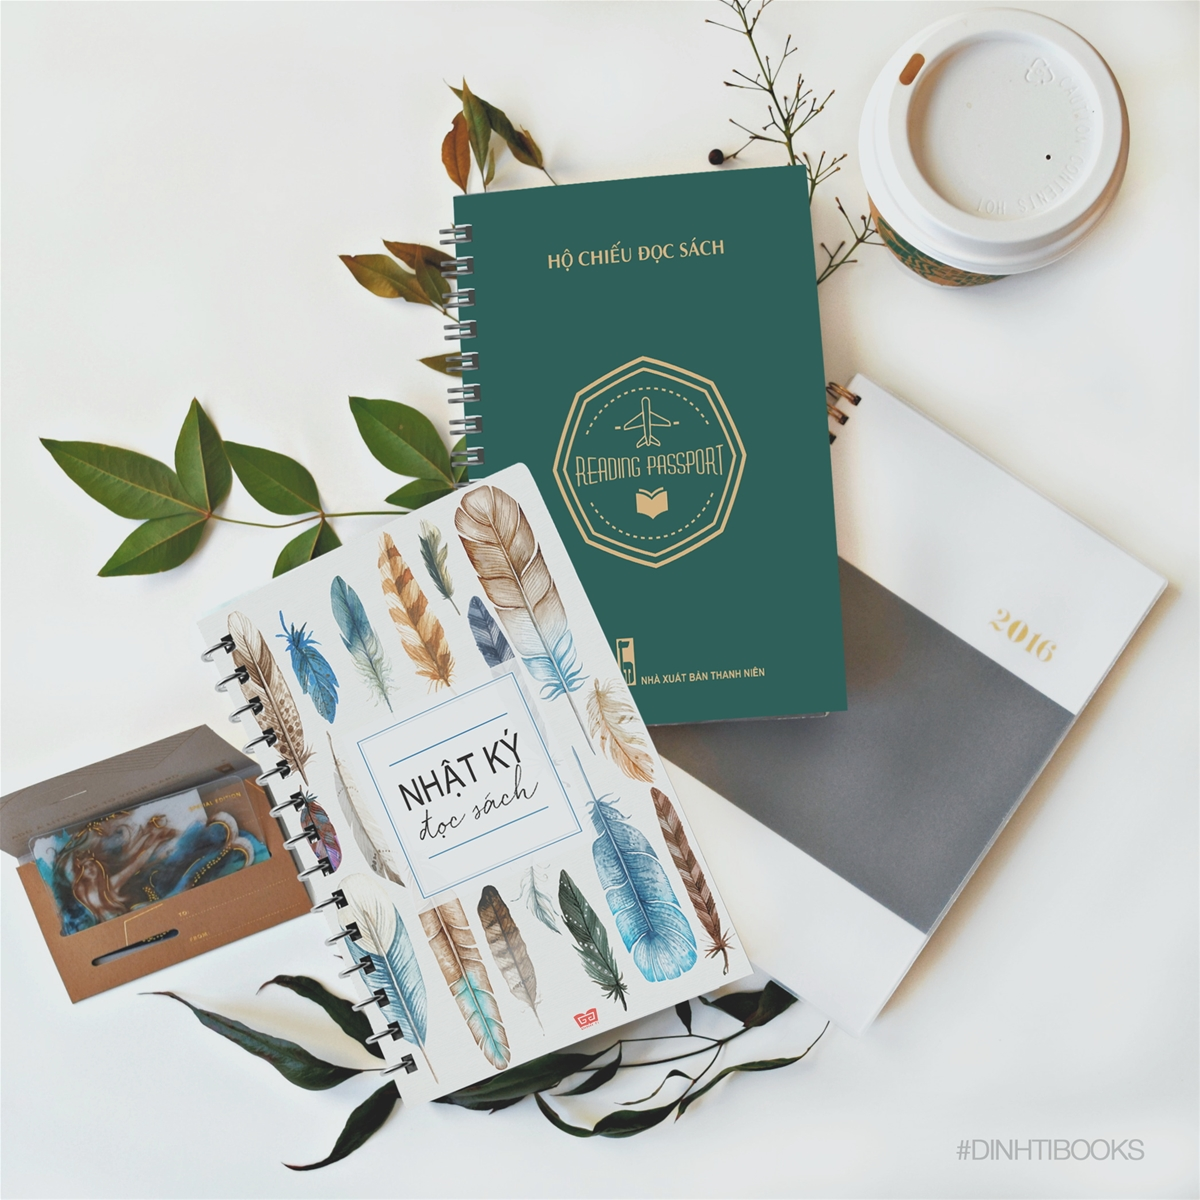 Set  Sổ tay nhật ký đọc sách + Hộ chiếu đọc sách